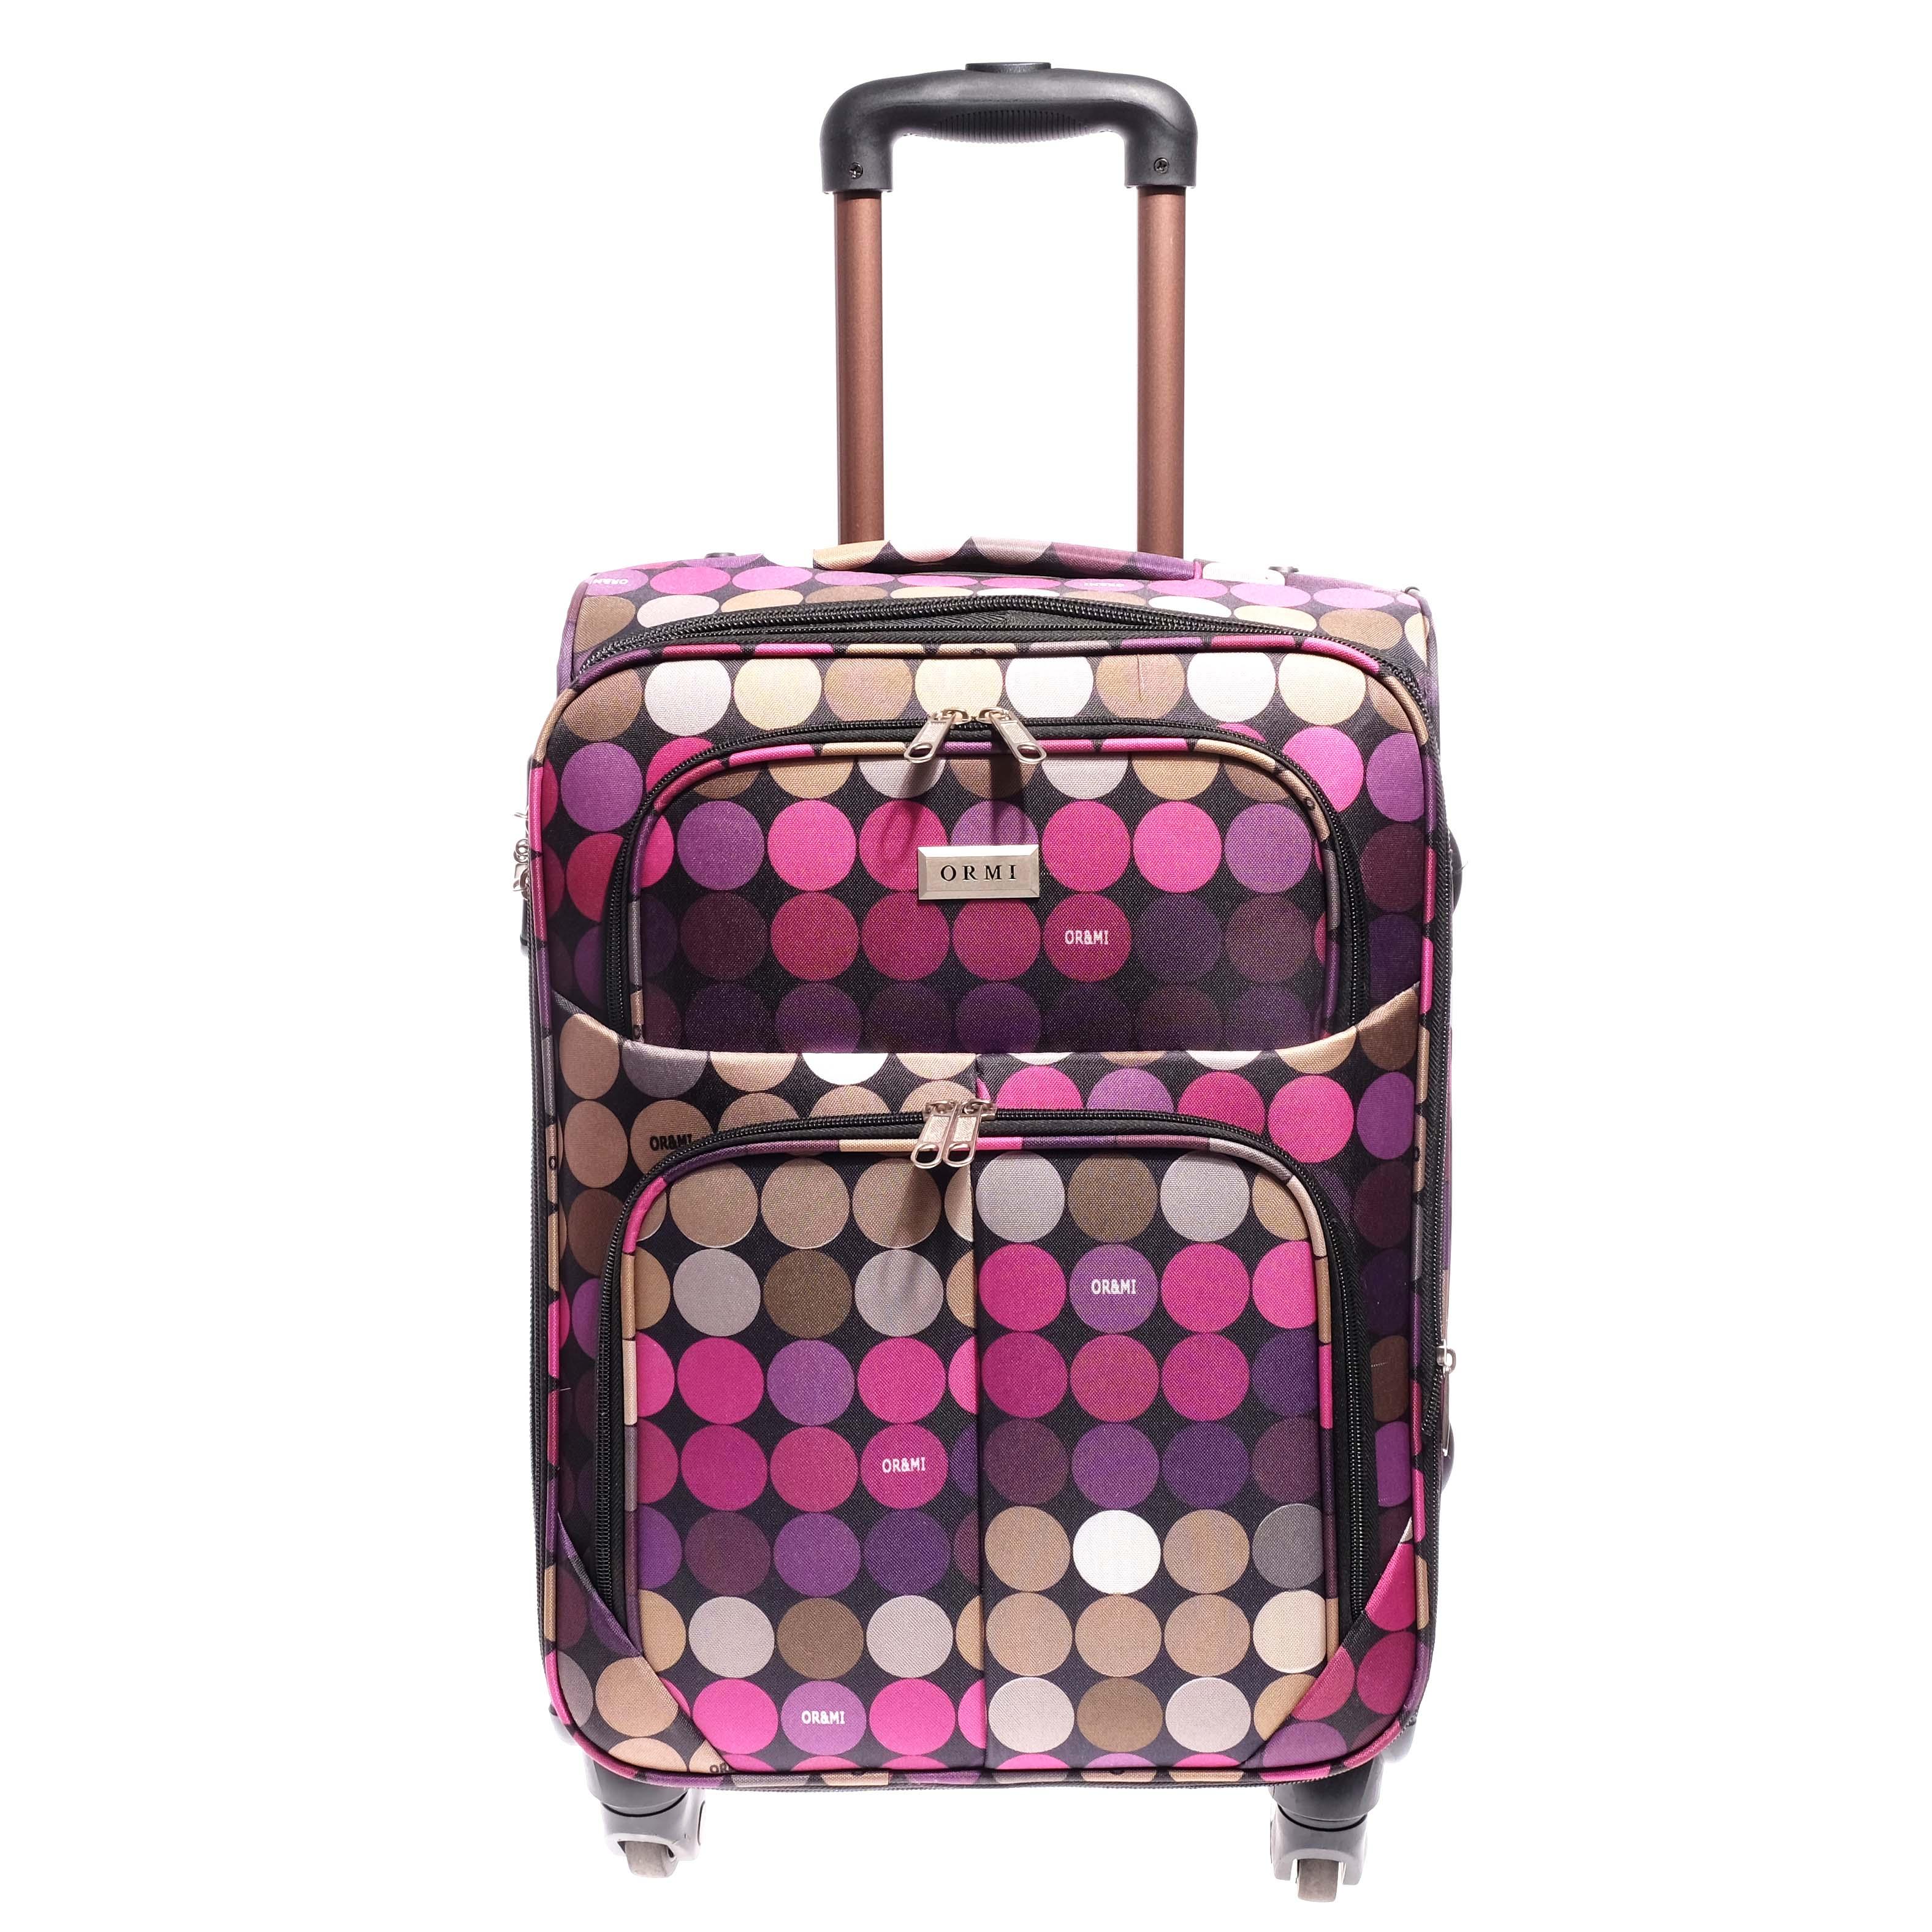 50Cm × 33 Cm × 20 Cm Kabin Méretű Bőrőnd Lila-Khaki (4 Kerekű) - KABIN  (kis) MÉRETŰ BŐRÖNDÖK - Táska webáruház - Minőségi táskák mindenkinek e445df79bd